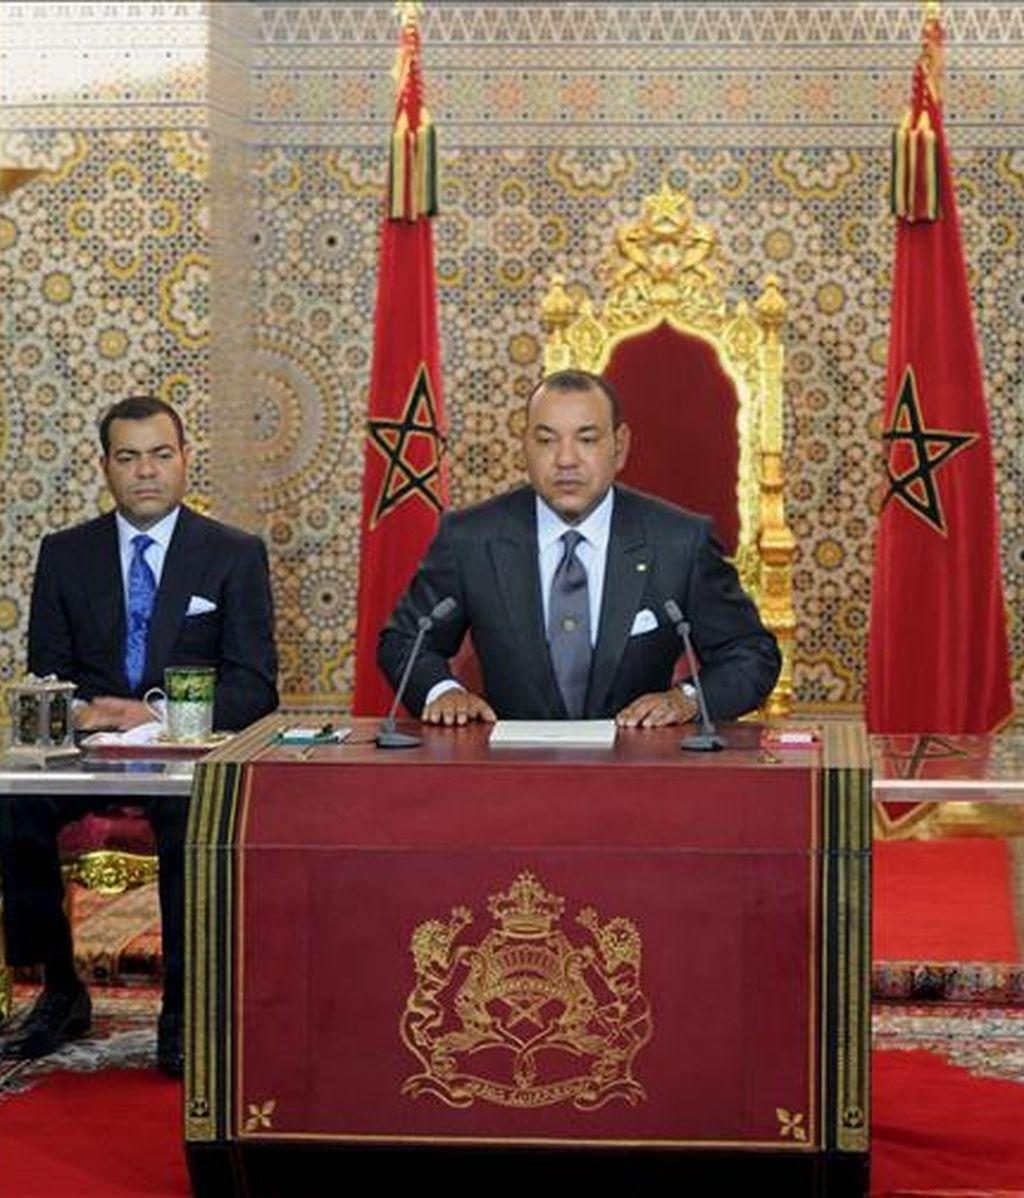 El rey Mohamed VI de Marruecos, durante el discurso que pronunció este viernes con motivo del undécimo aniversario de su coronación. EFE